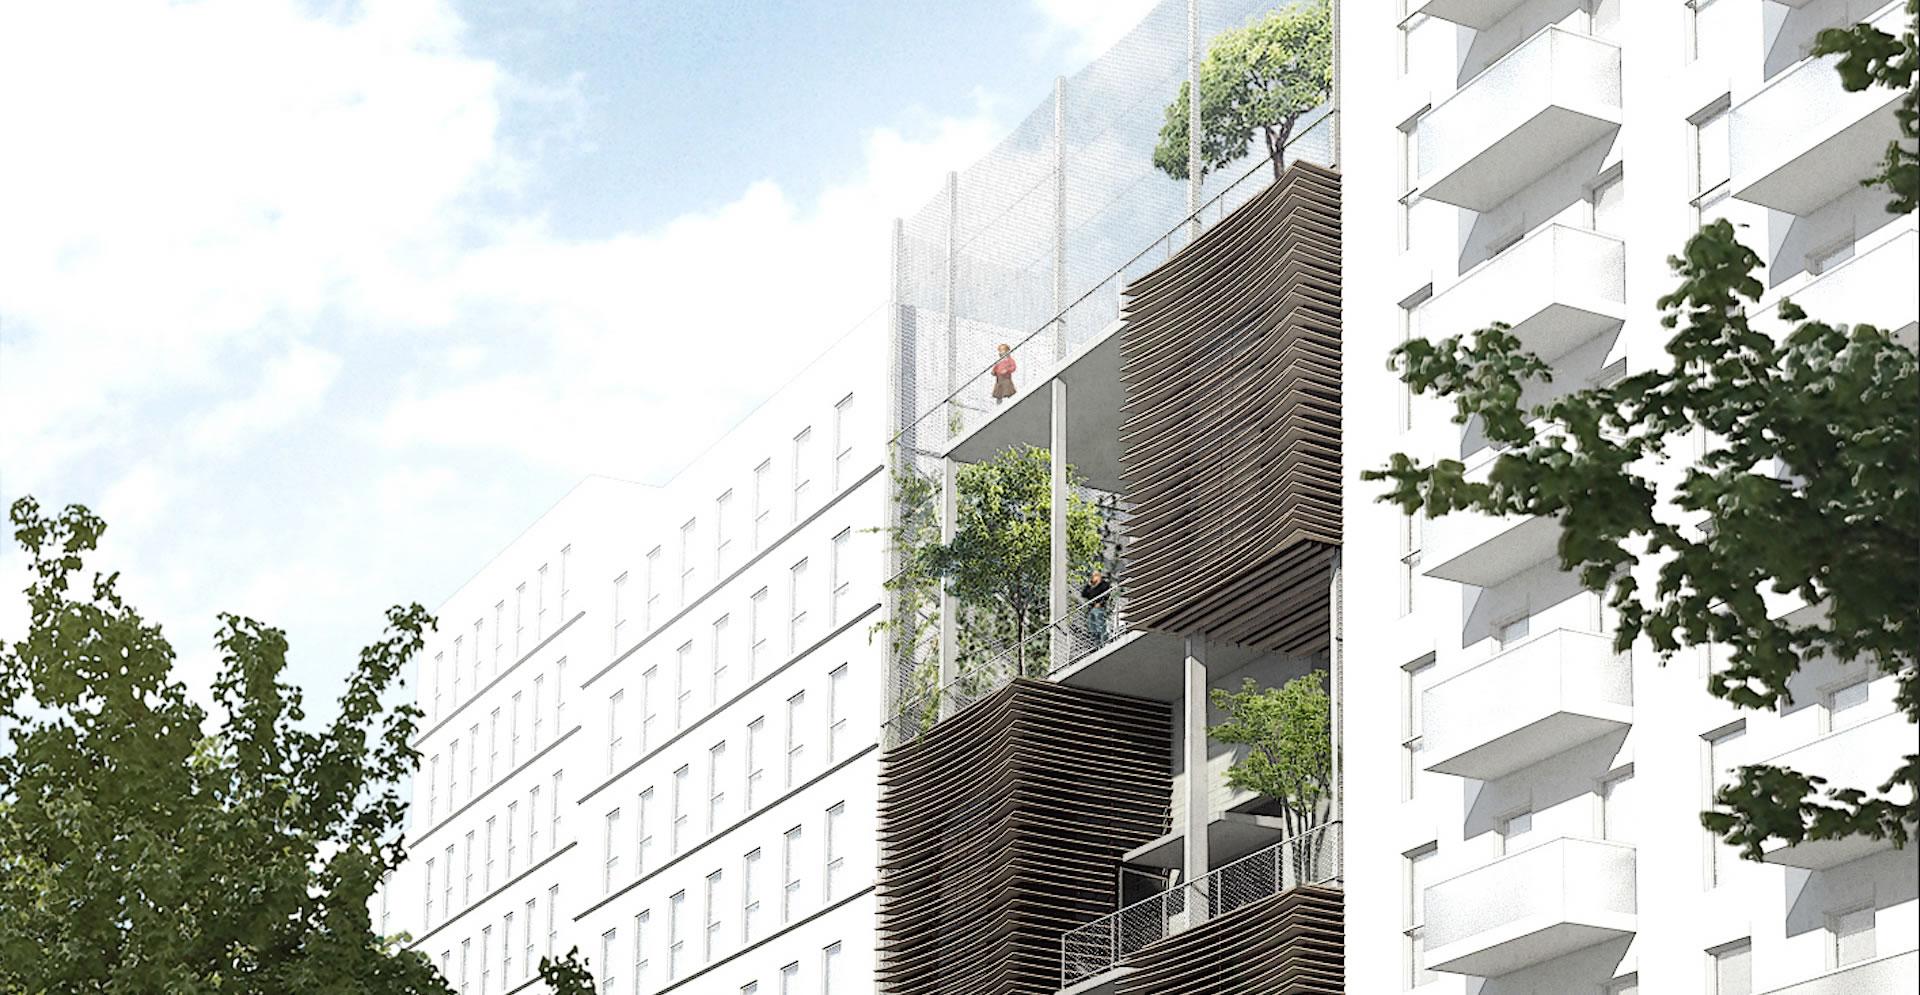 christophe-benichou-architectures-impasse-ciel-lotissement-vertical-01